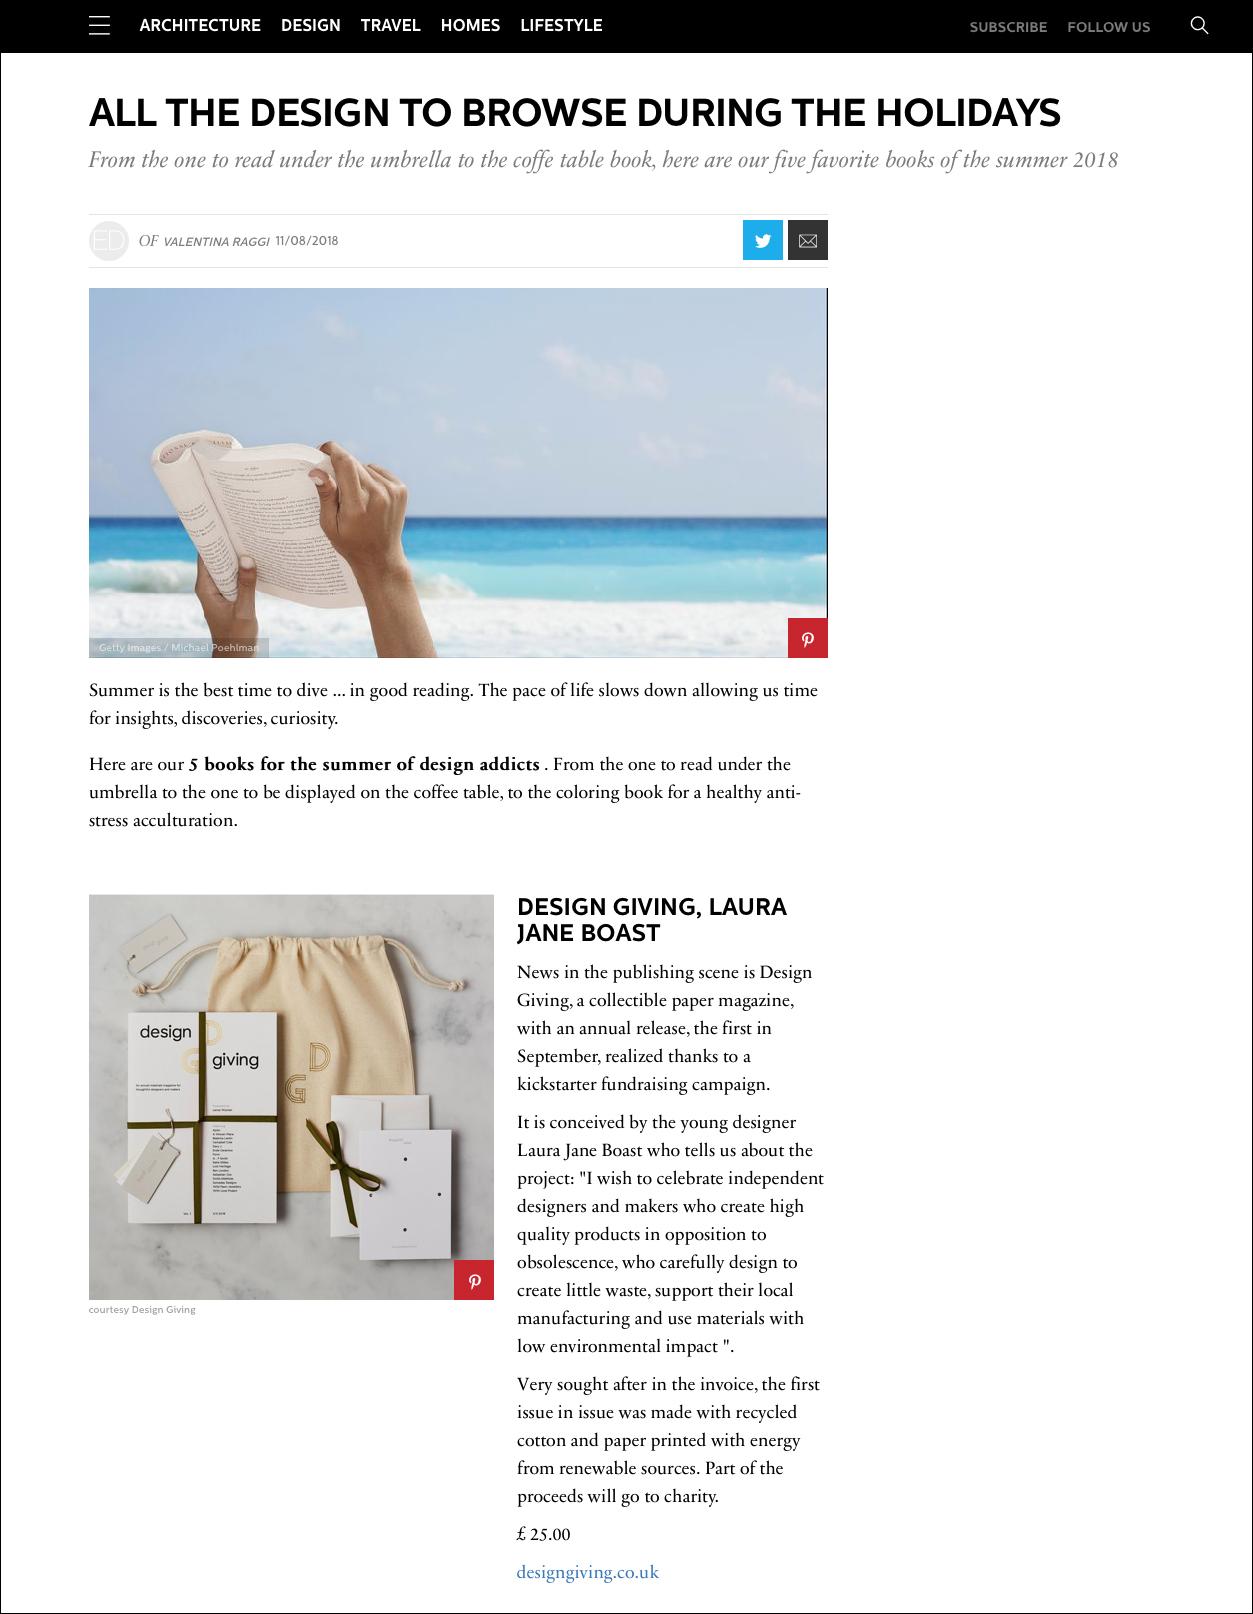 elle_decor_italia_Press_designgiving_aug2018.jpg